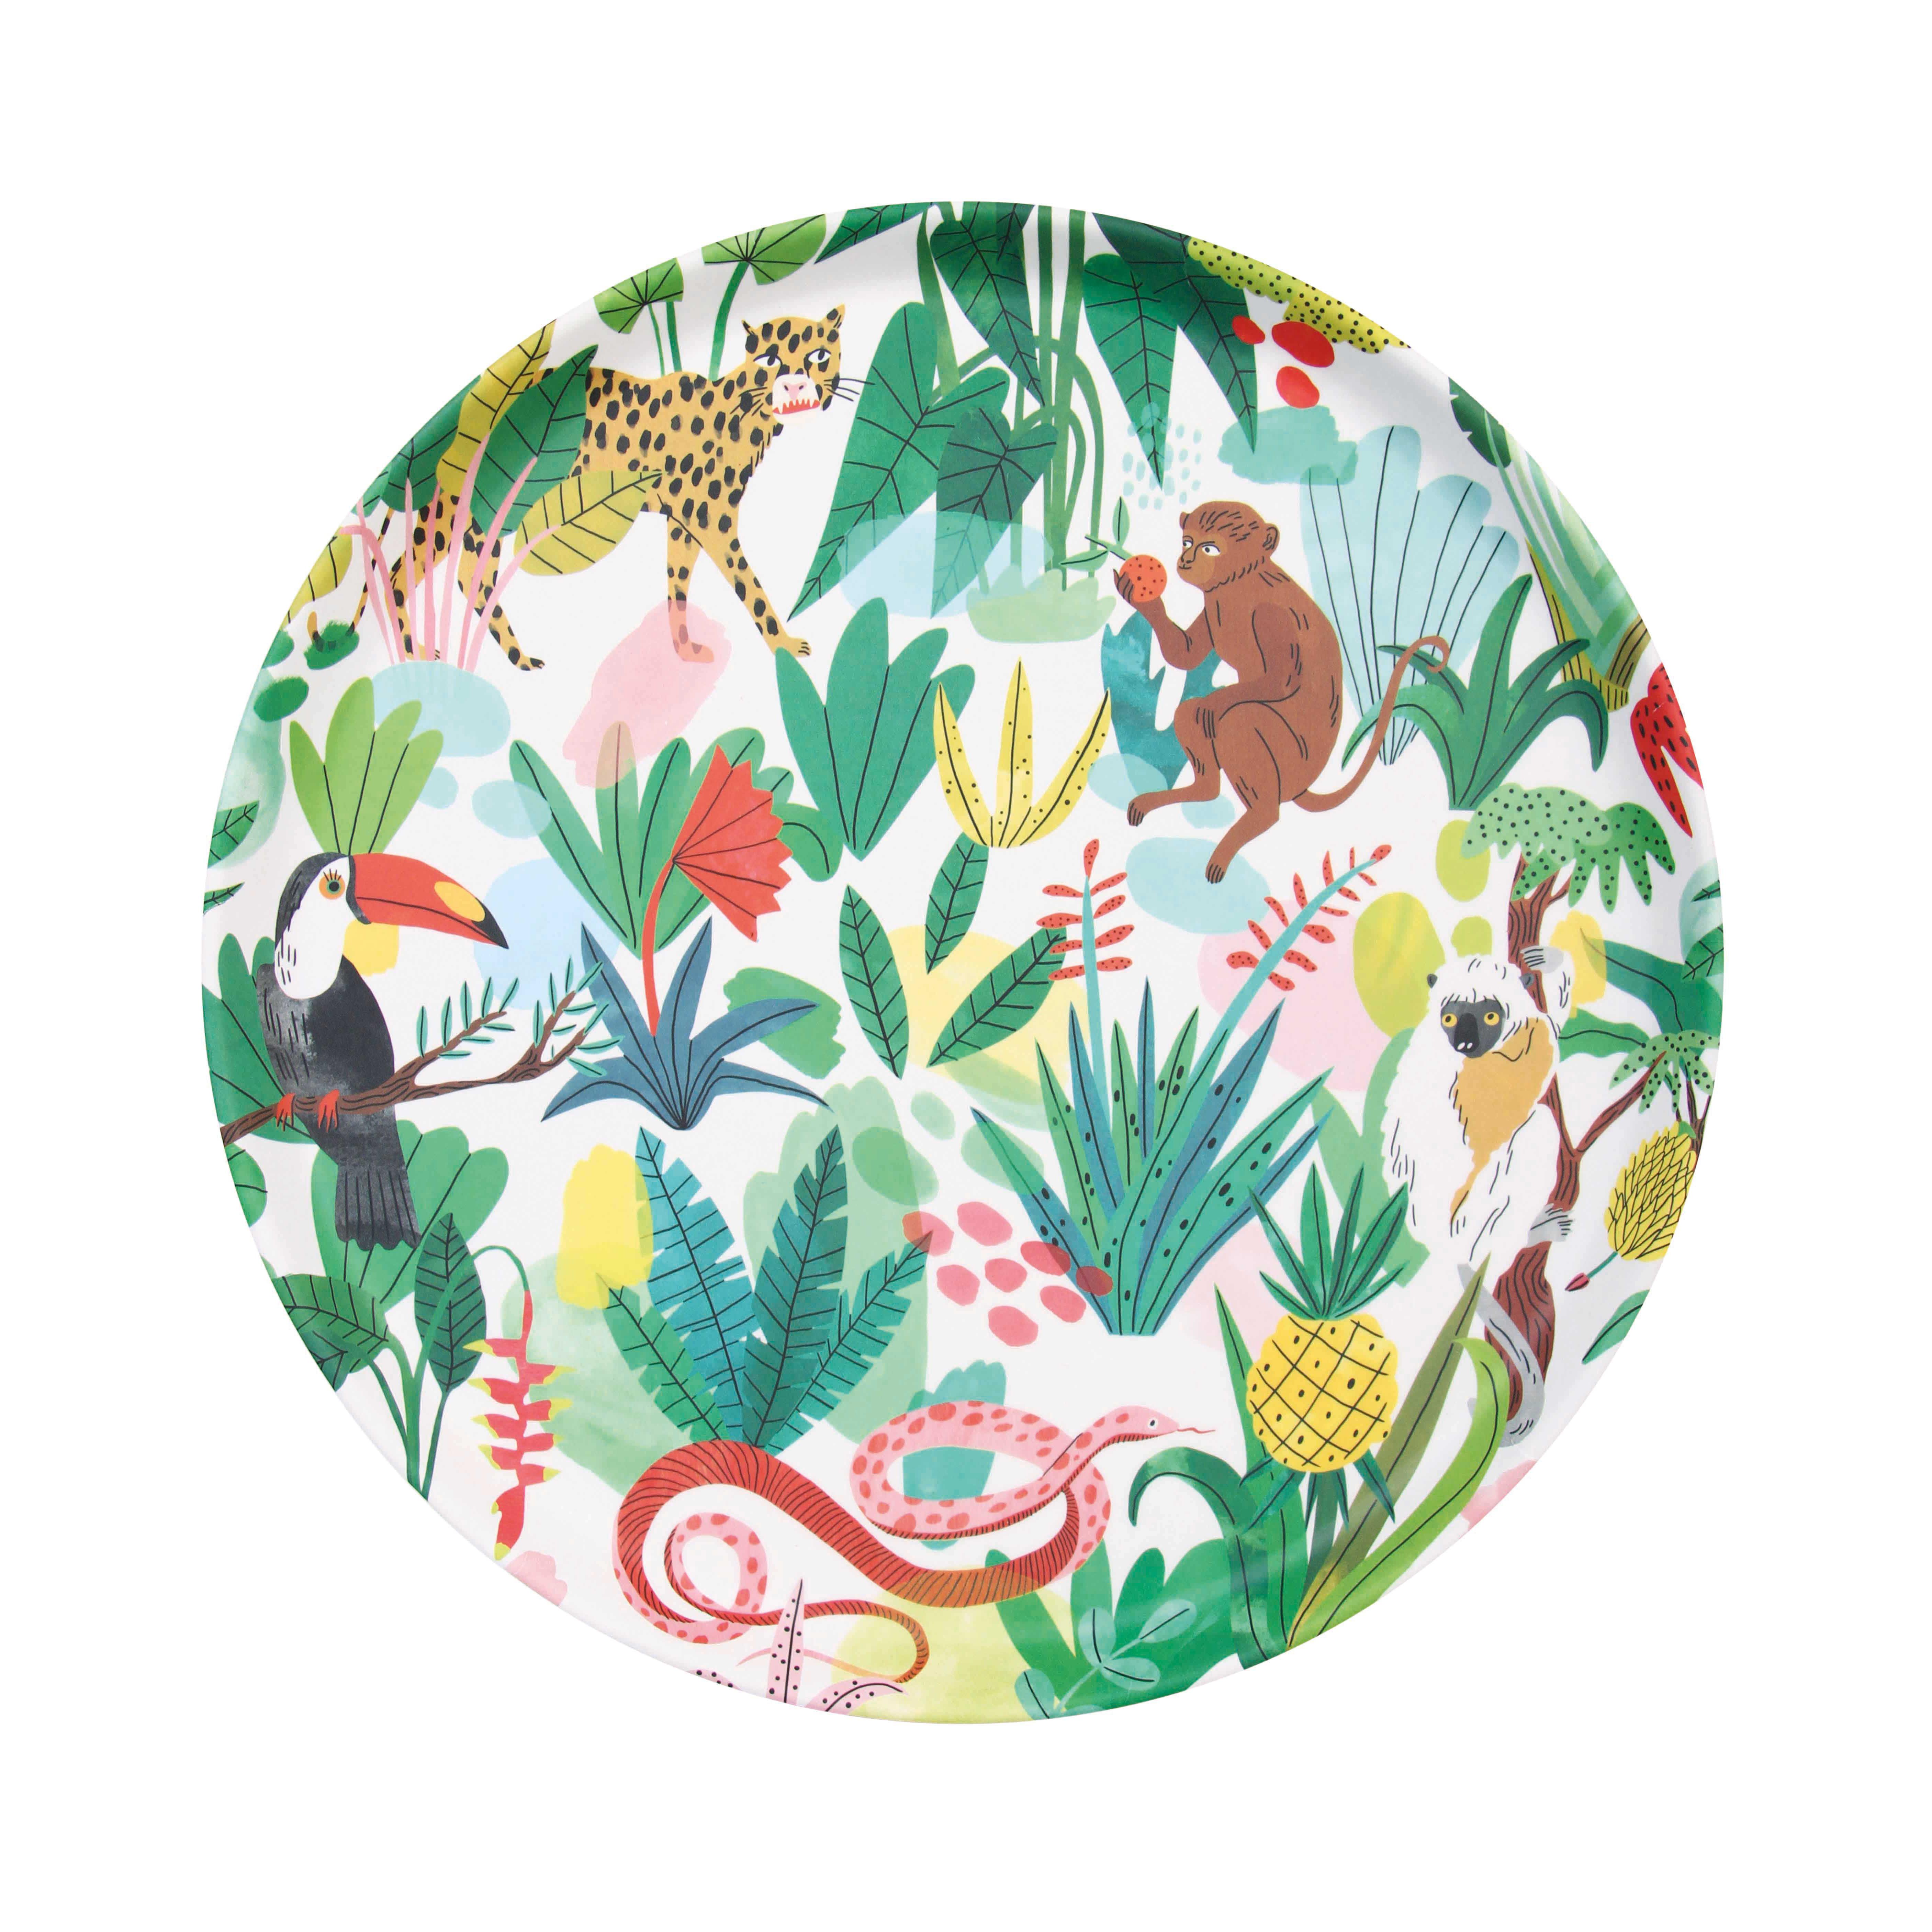 Tischkultur - Tabletts - Bodil Tablett / Ø 32 cm - Bambus - & klevering - Tropendschungel - Bambusfaser